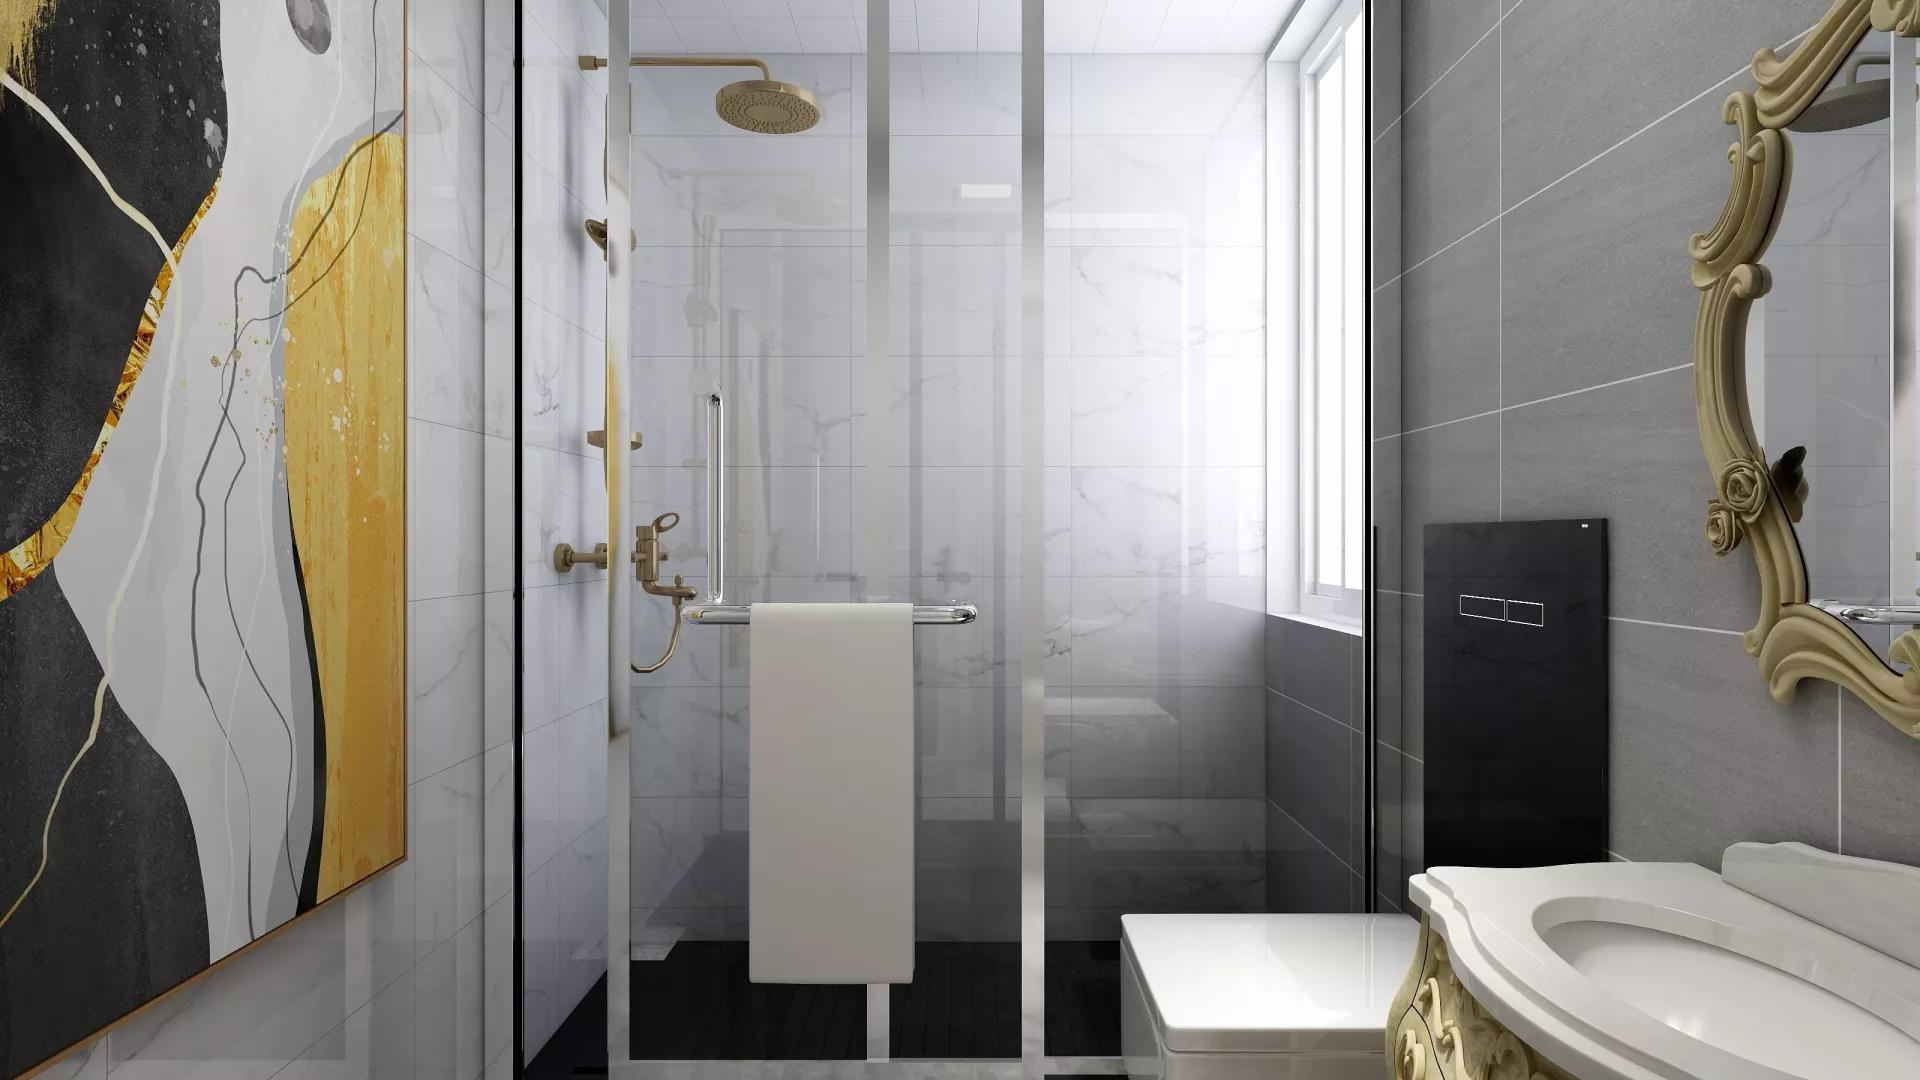 70㎡现代简约宜家风格二居室装修效果图